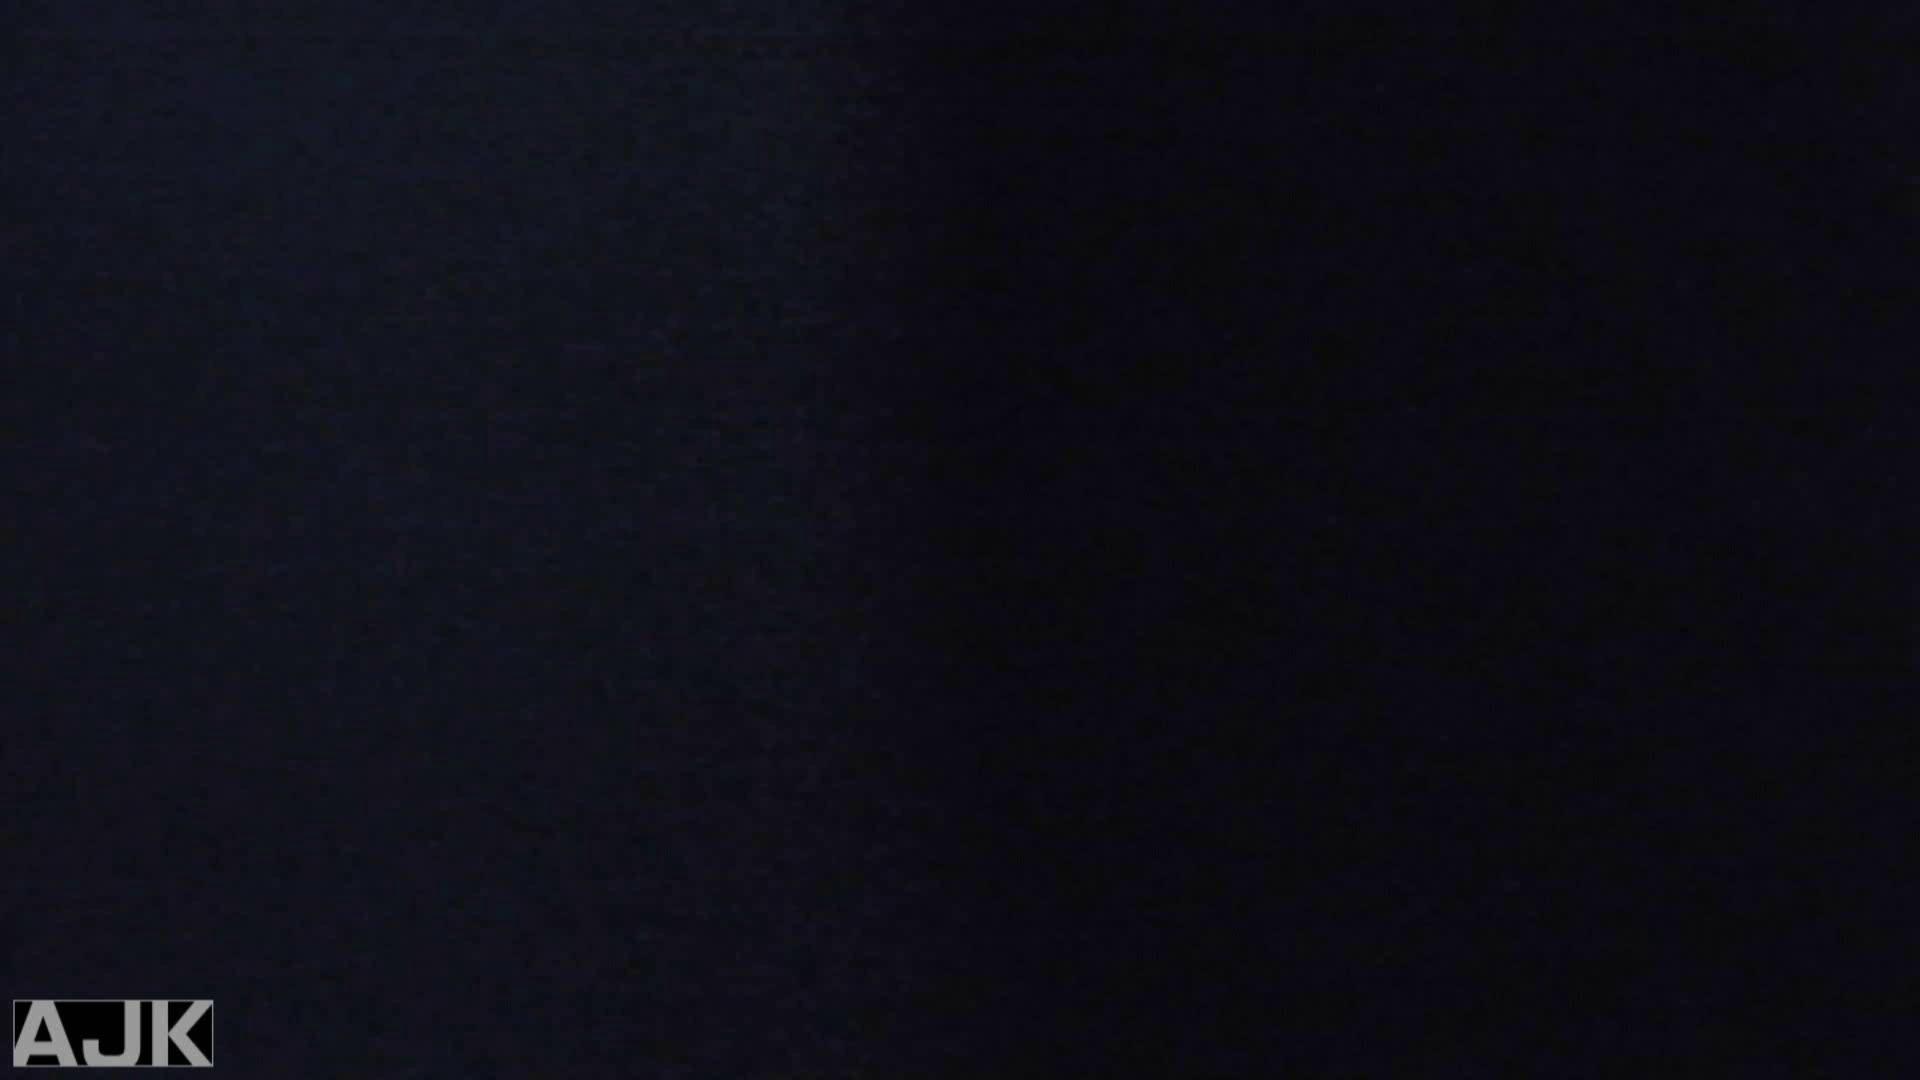 神降臨!史上最強の潜入かわや! vol.13 無修正マンコ 隠し撮りオマンコ動画紹介 91連発 66